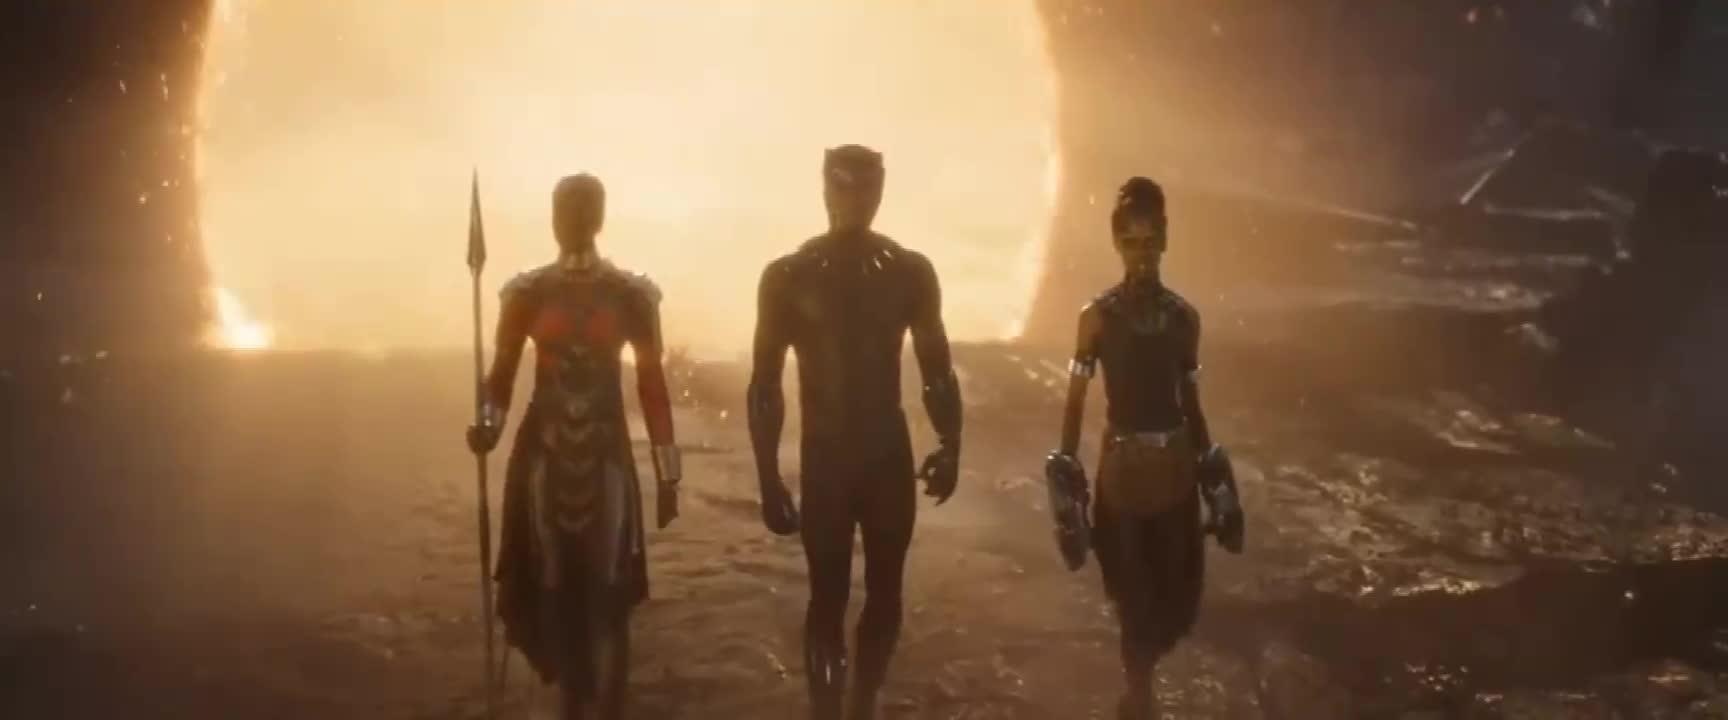 #电影#《复联4》新宣传片,美队举起雷神之锤!化灰角色集体回归